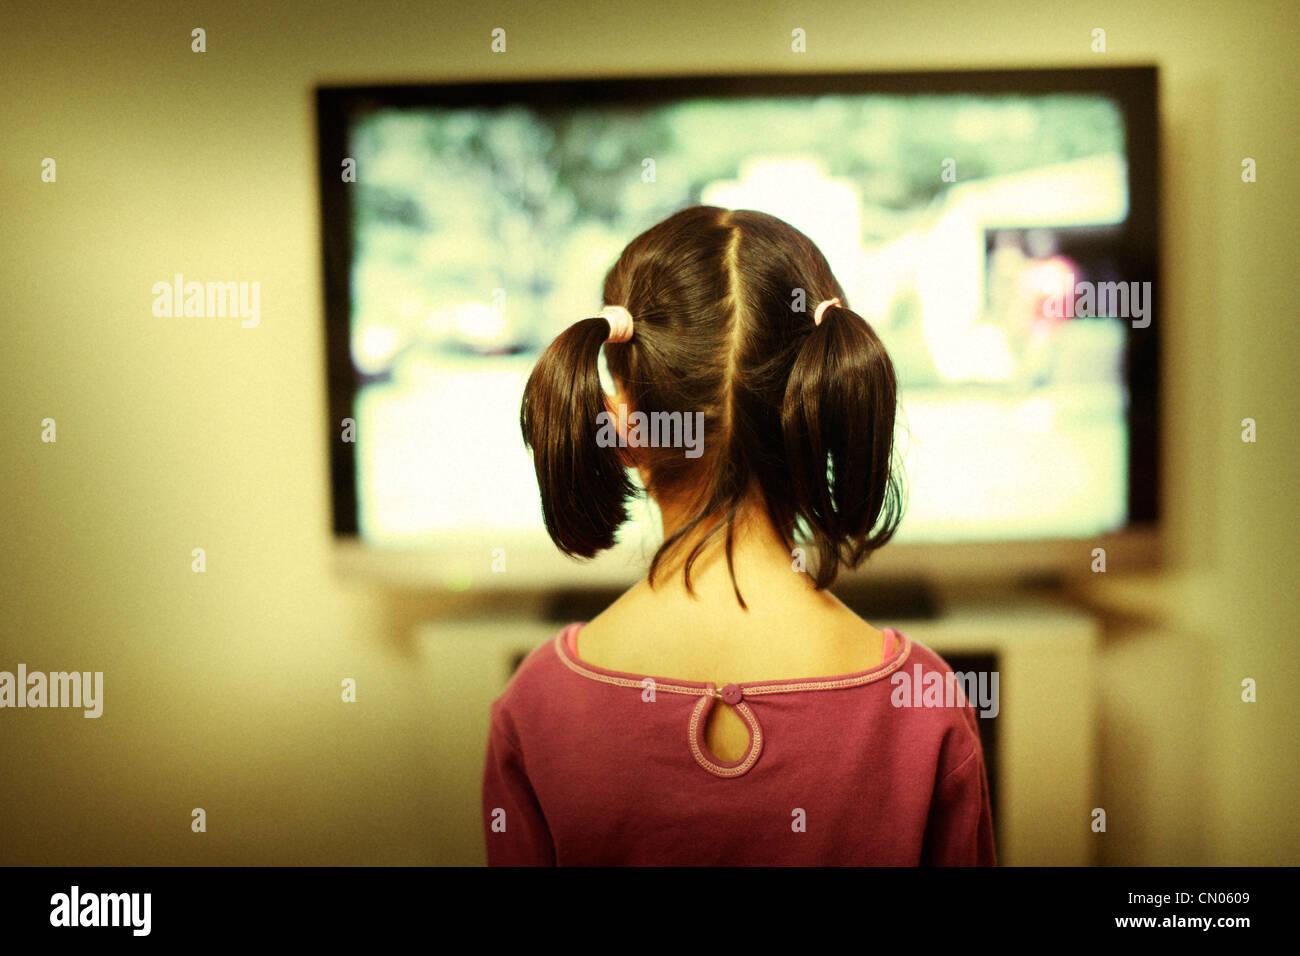 Montres fille écran de télévision. Photo Stock